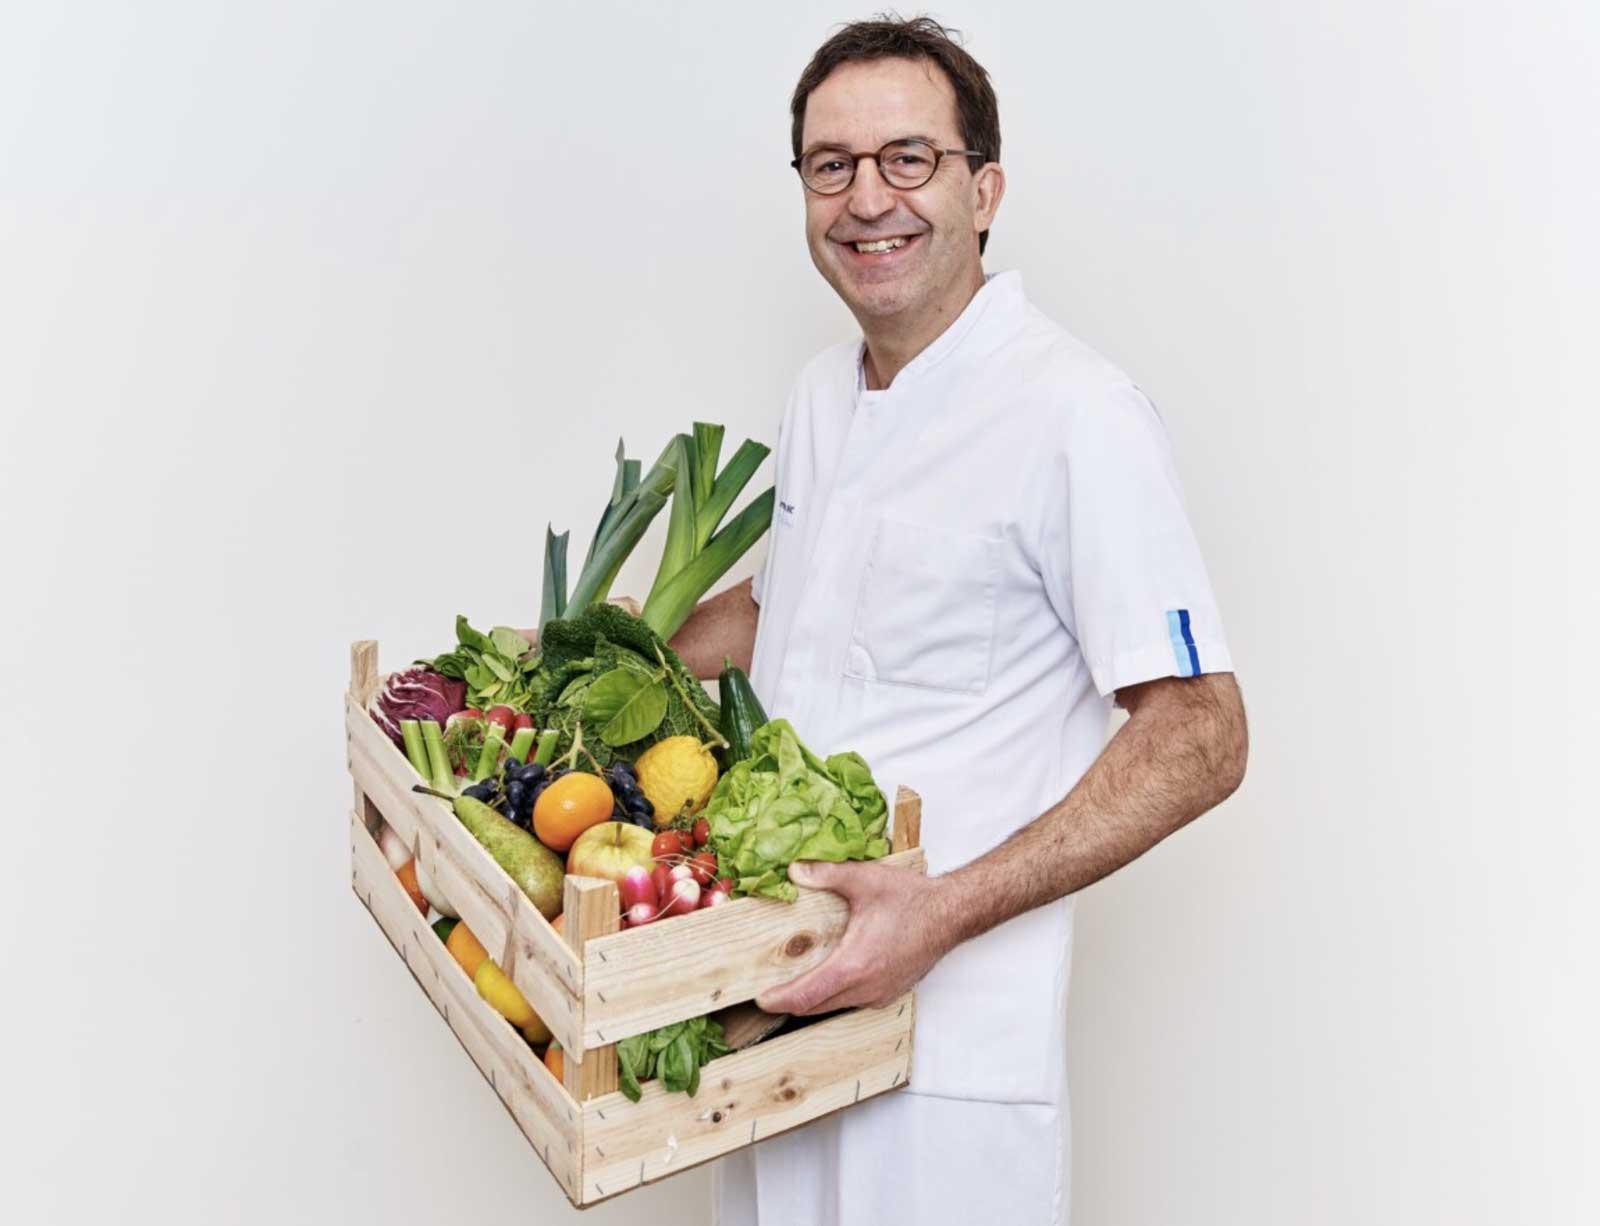 'Geef kleur door' voor een gezonde voedingsomgeving